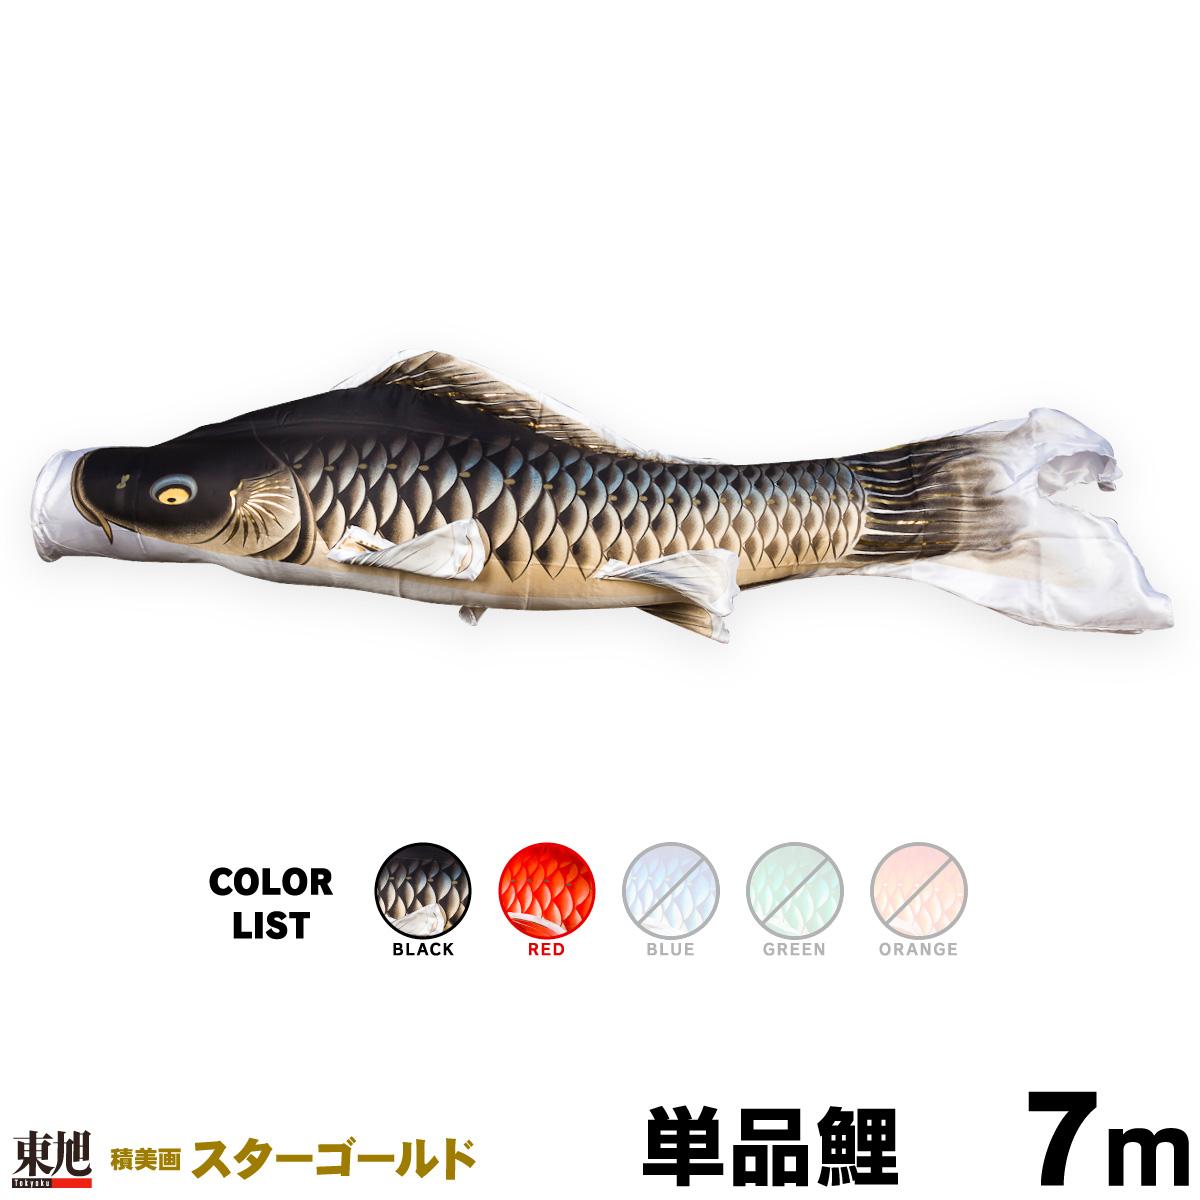 【こいのぼり 単品】 積美画スターゴールド 7m 単品鯉